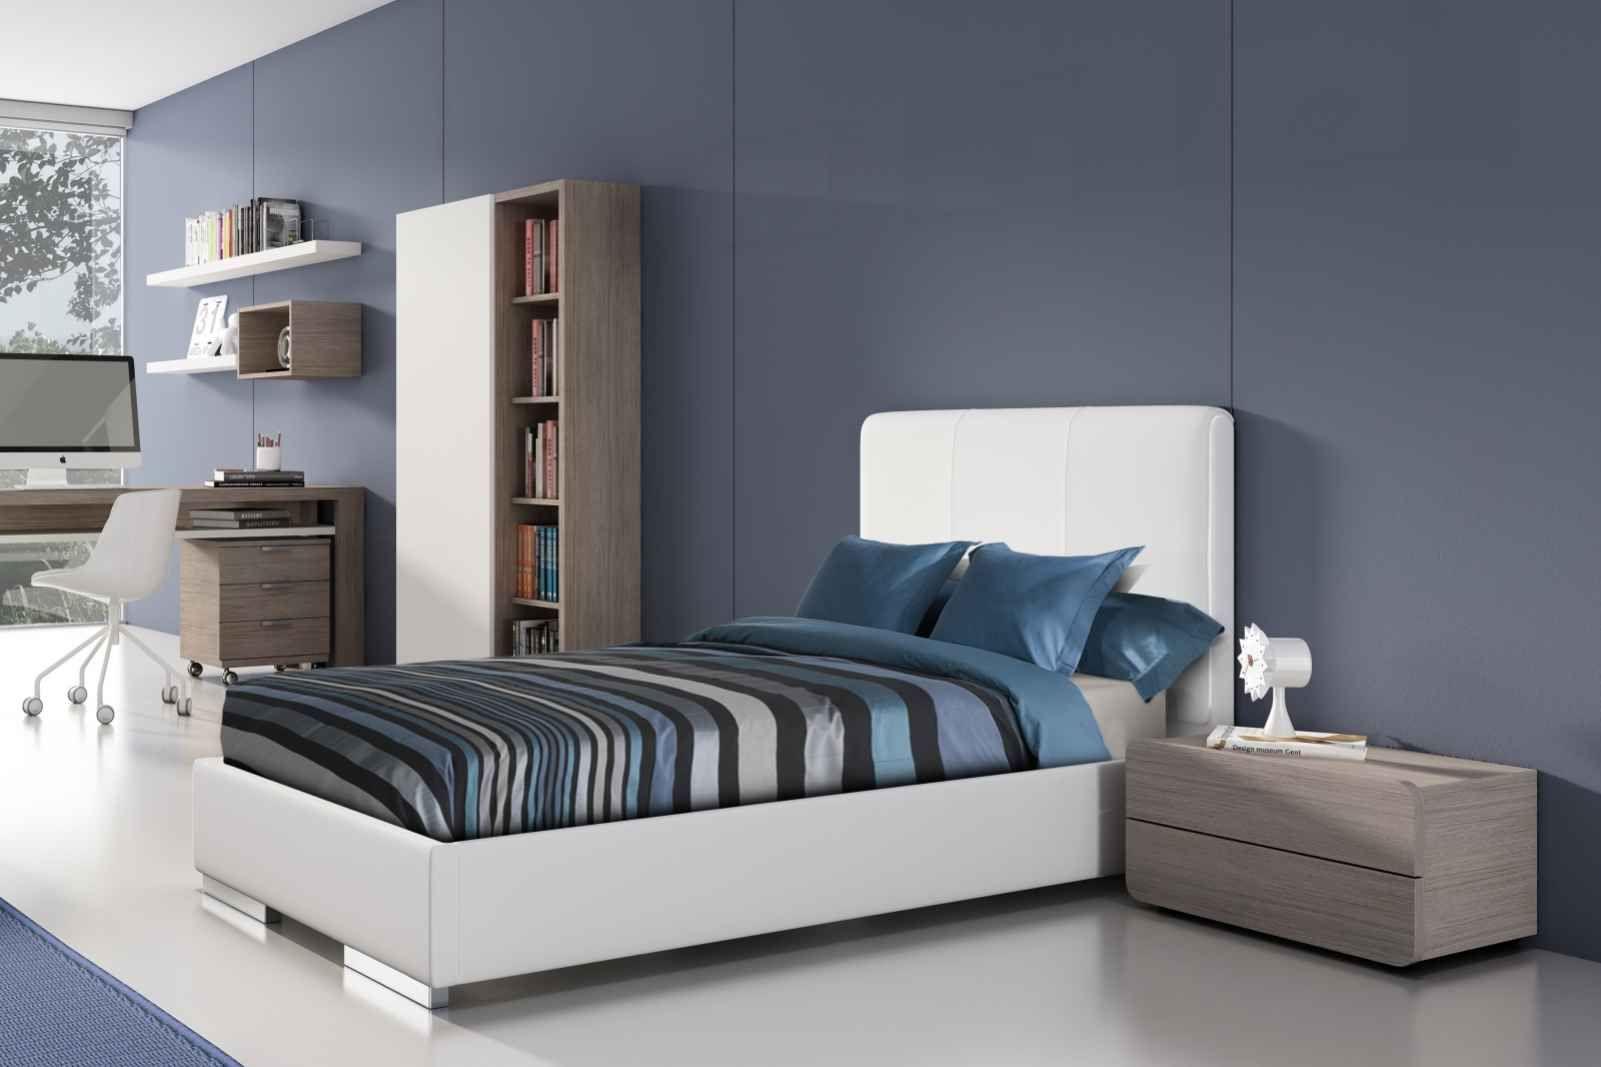 Schlafzimmer Blau ~ Das schlafzimmer in blau akzent mit enzo bett von gamamobel